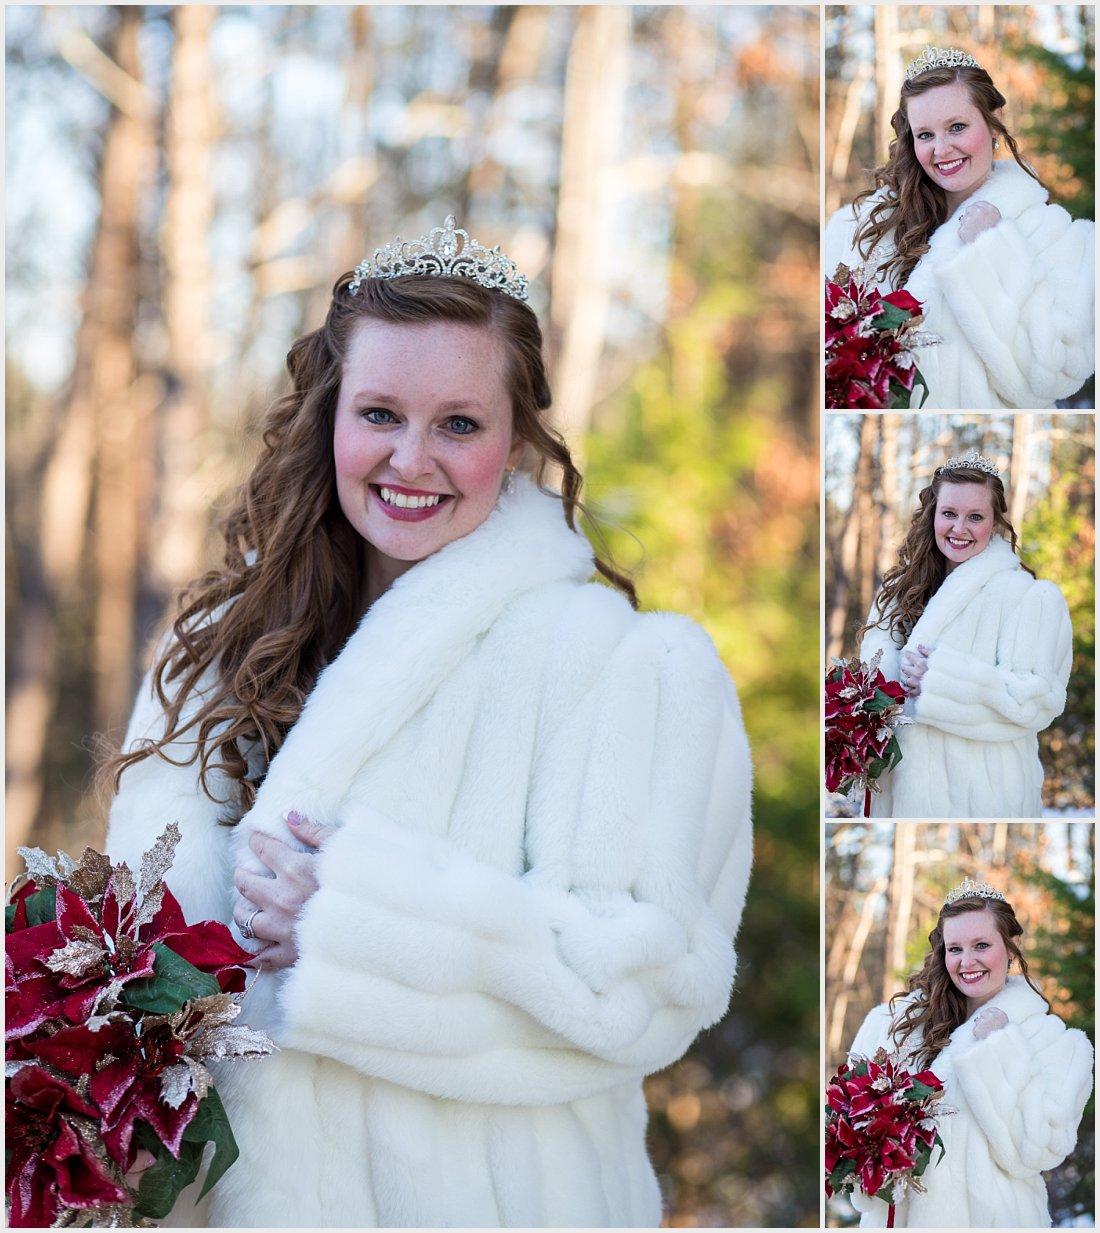 snowy-wedding-in-georgia (15)